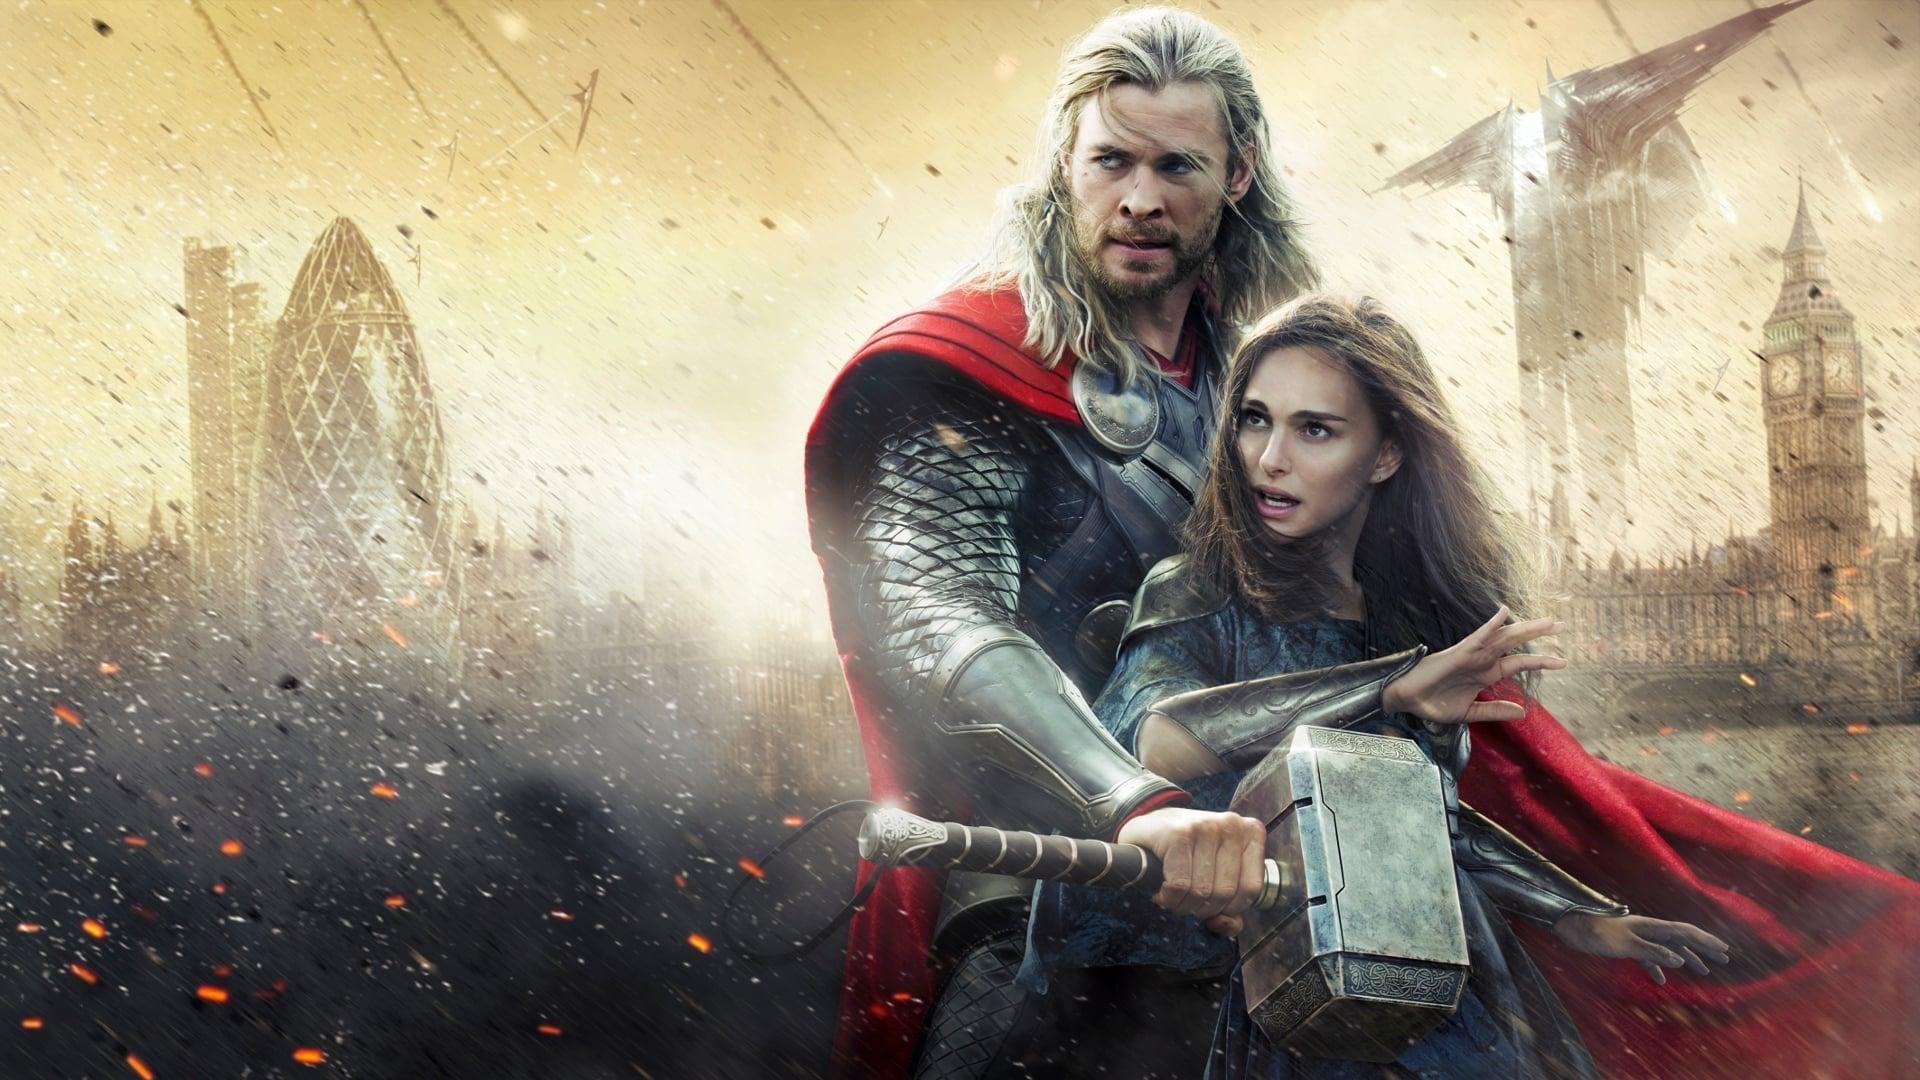 Photo extraite de Thor: The Dark World